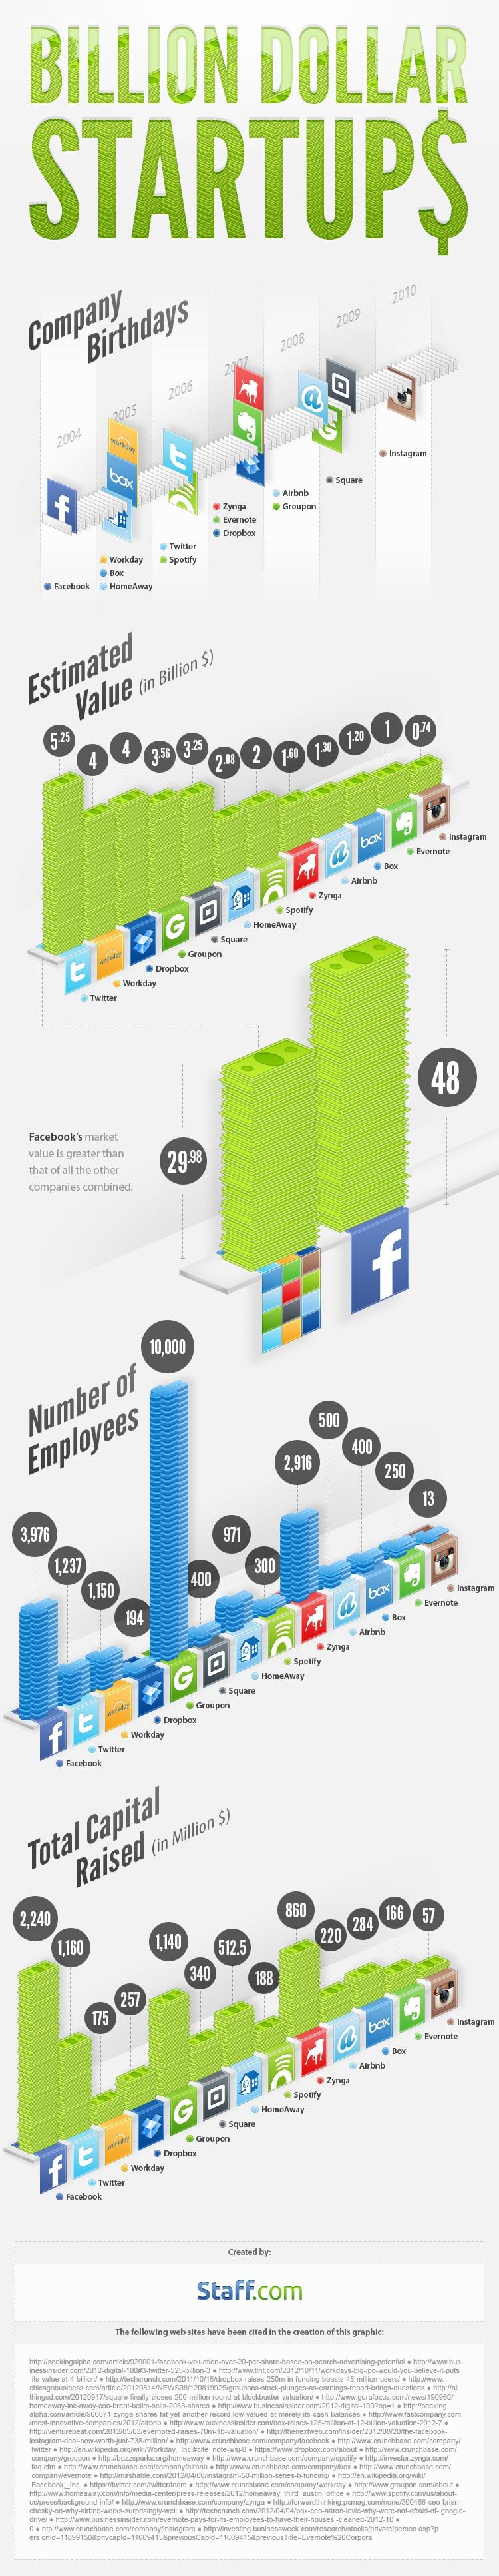 Online Billion Dollar Startups Since 2004 [Infographic]